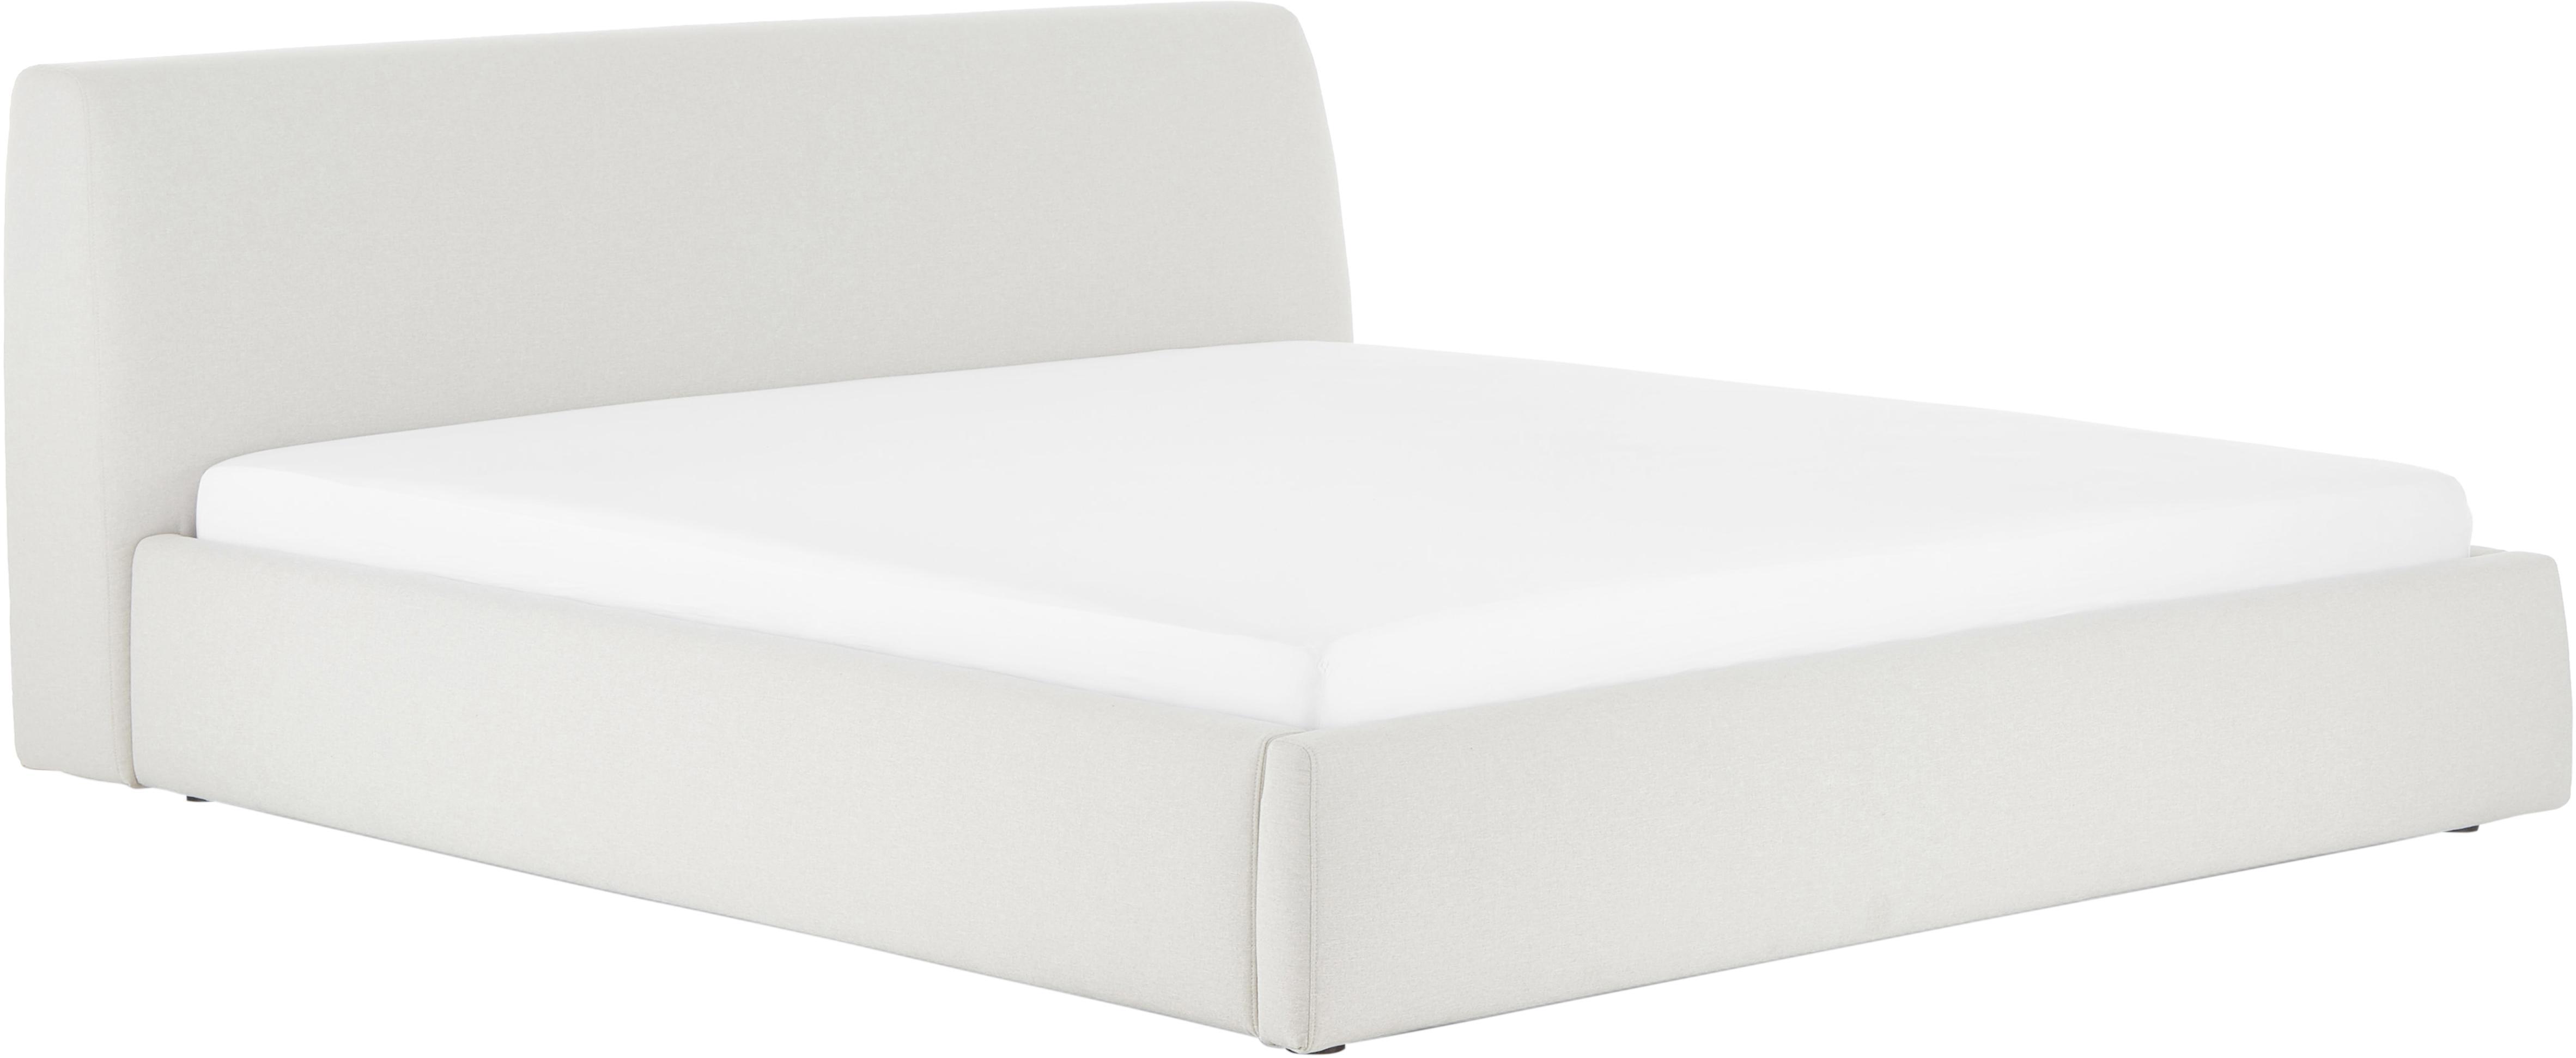 Łóżko tapicerowane Cloud, Korpus: lite drewno sosnowe, Tapicerka: poliester (materiał tekst, Beżowy, 160 x 200 cm